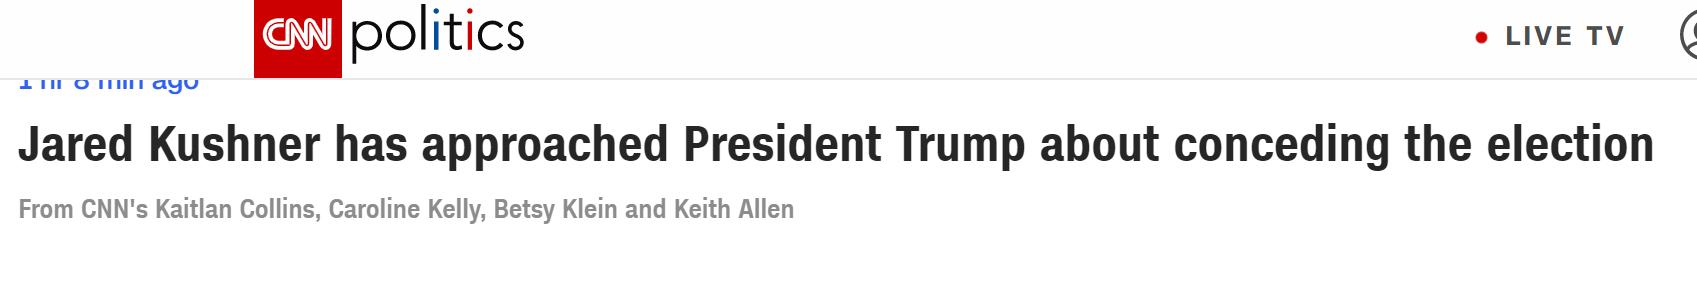 """美媒:特朗普女婿库什纳正就""""承认败选""""一事与特朗普接洽"""